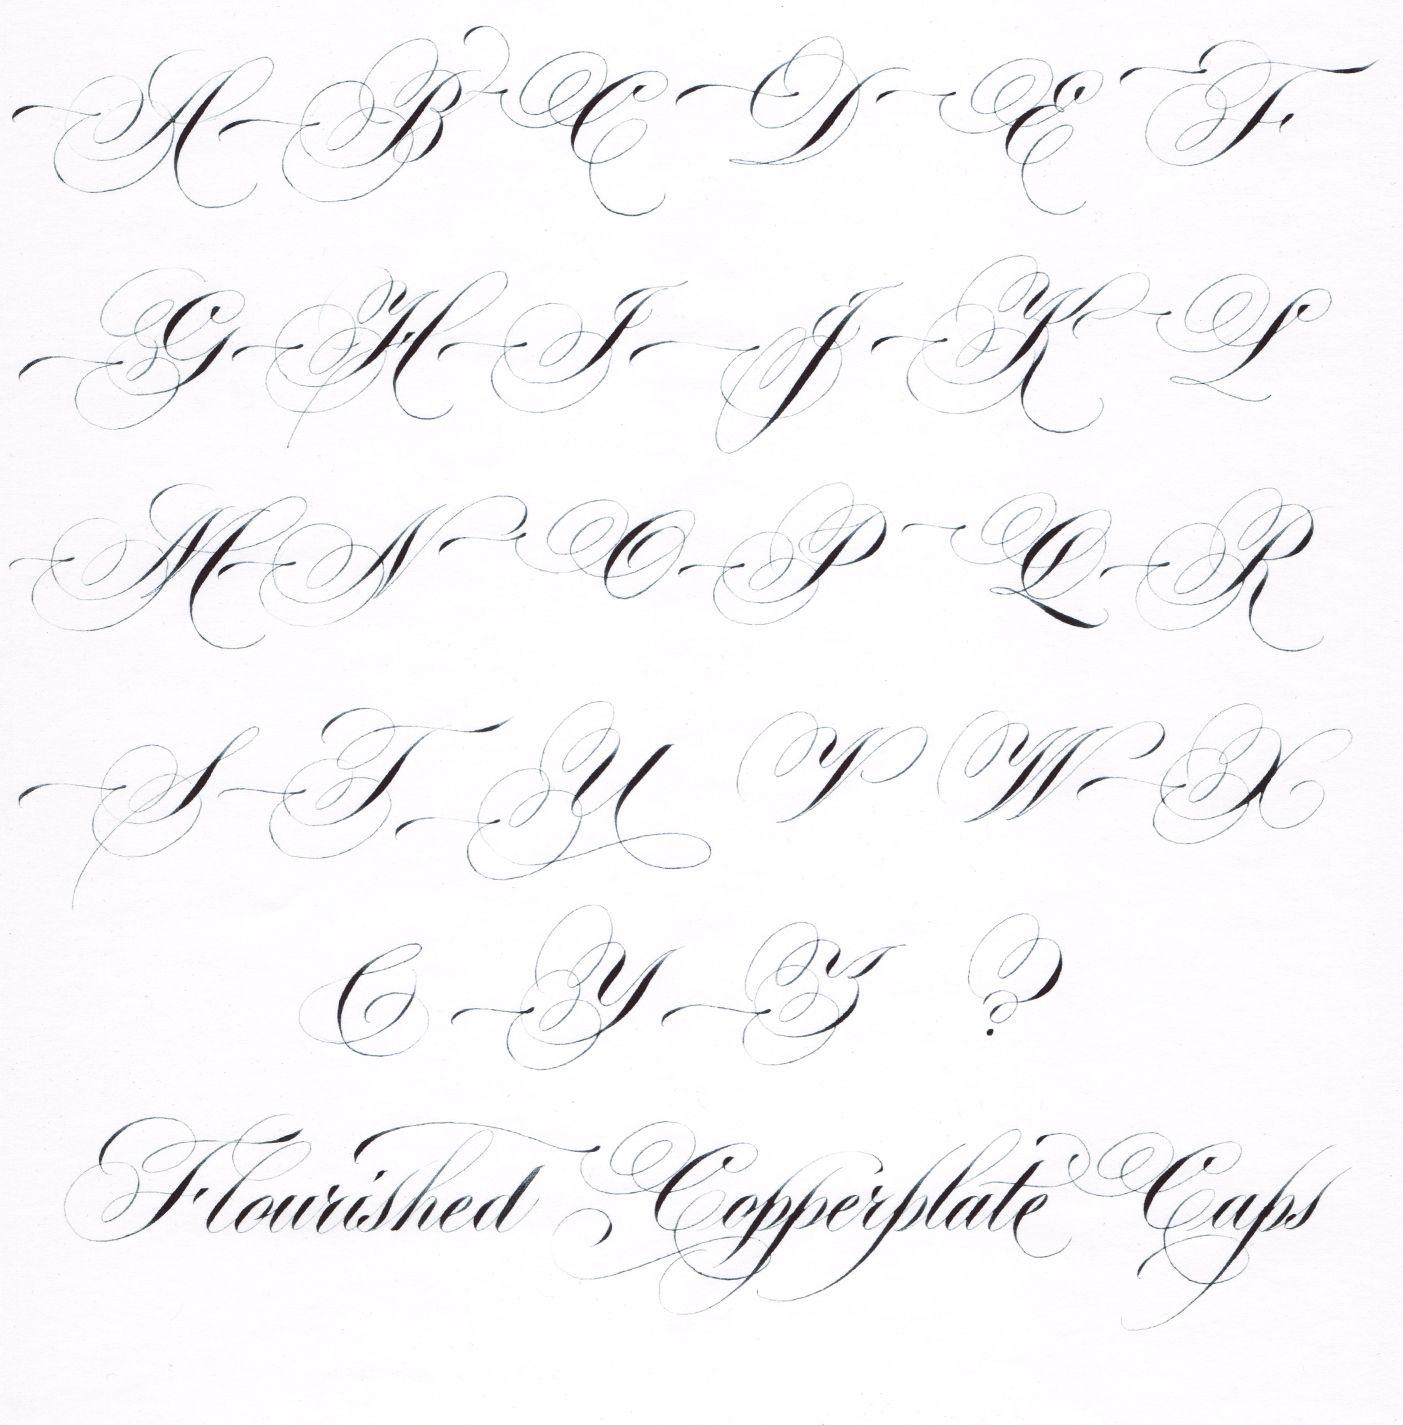 Hybrid Copperplate Script